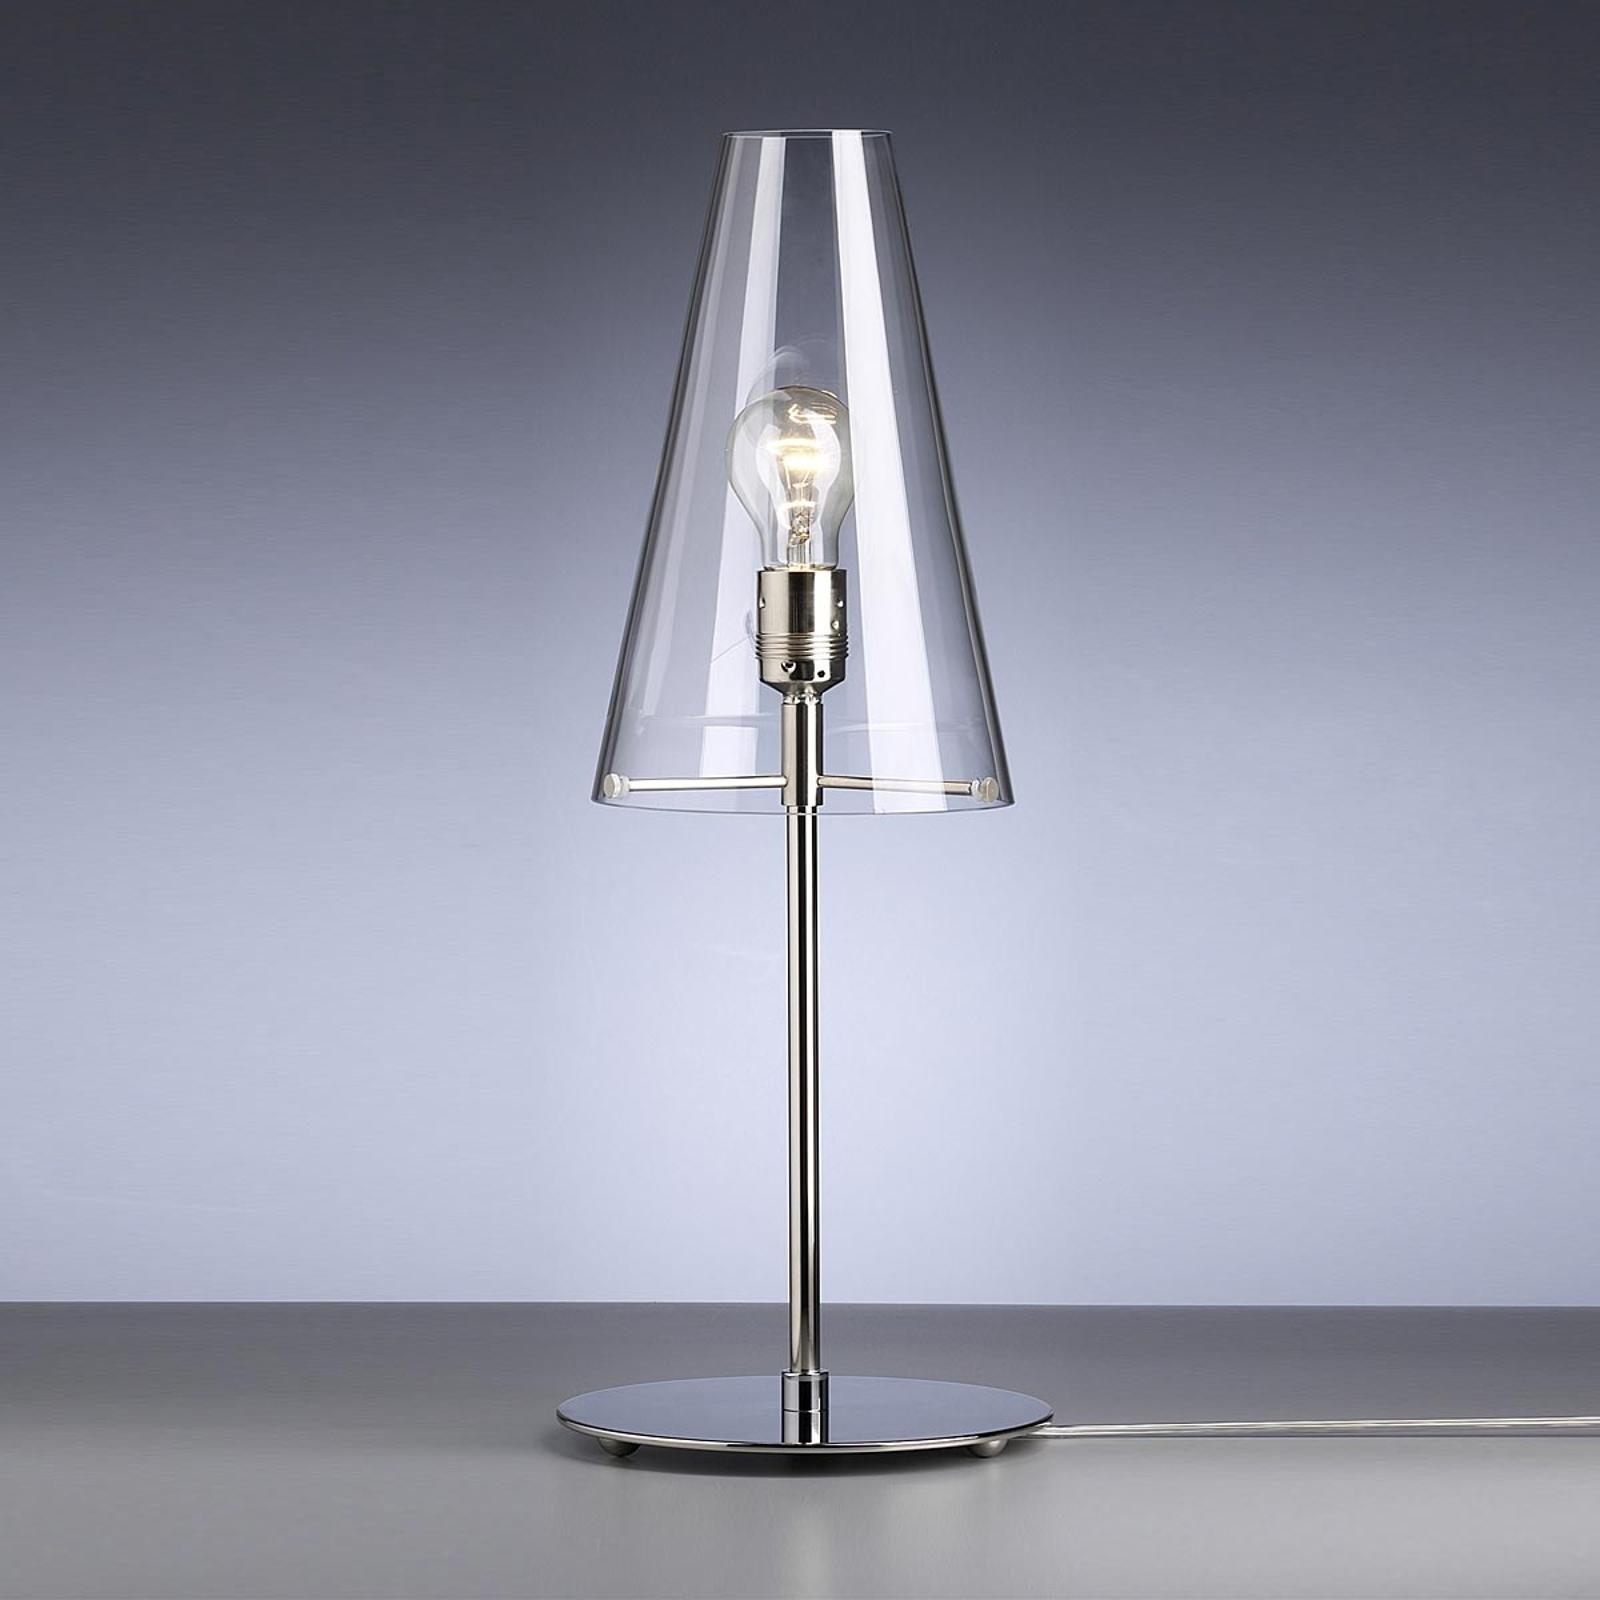 Tafellamp van Walter Schnepel, helder